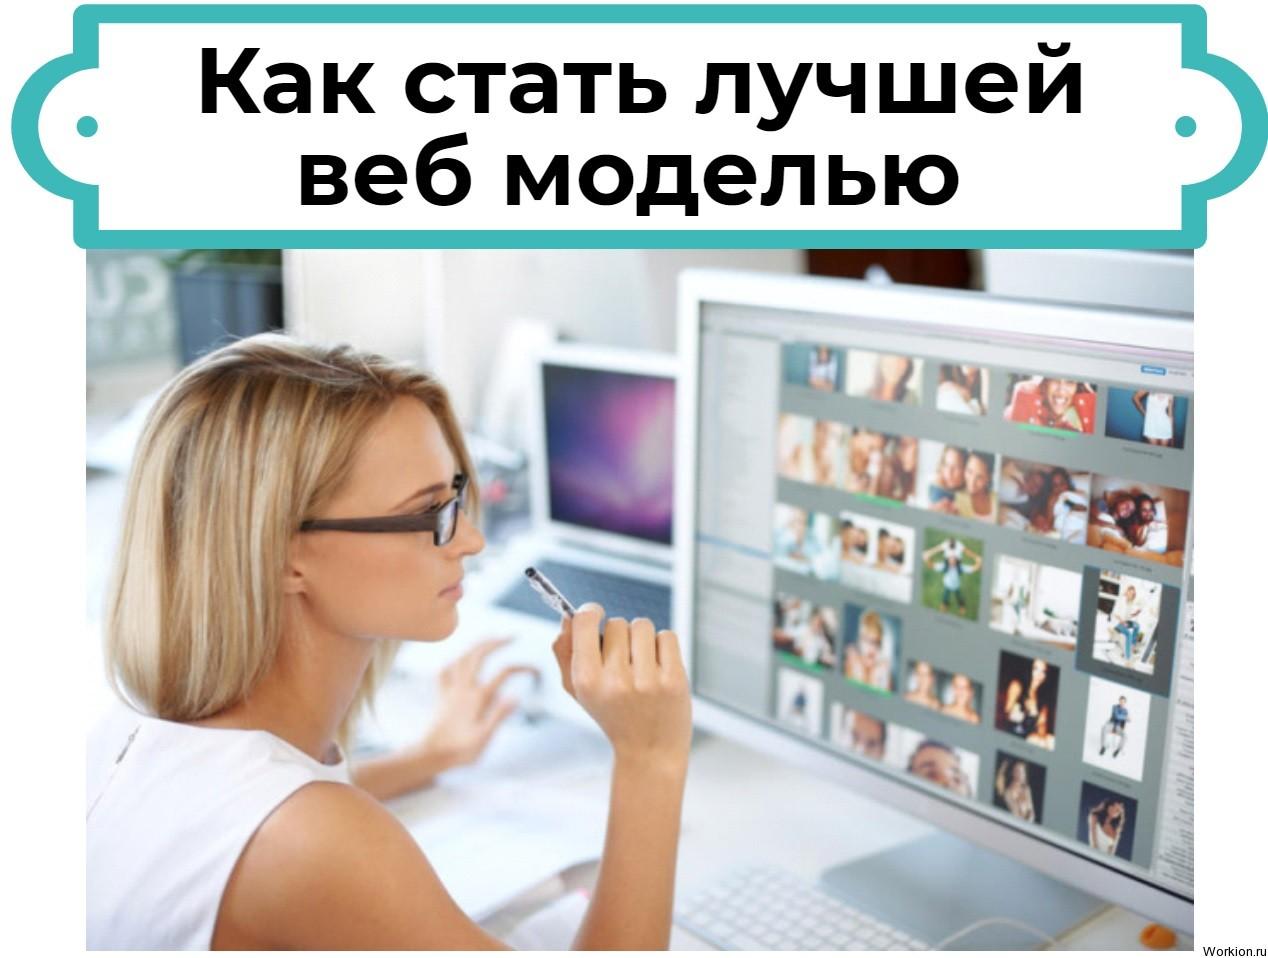 Как стать лучшей веб моделью